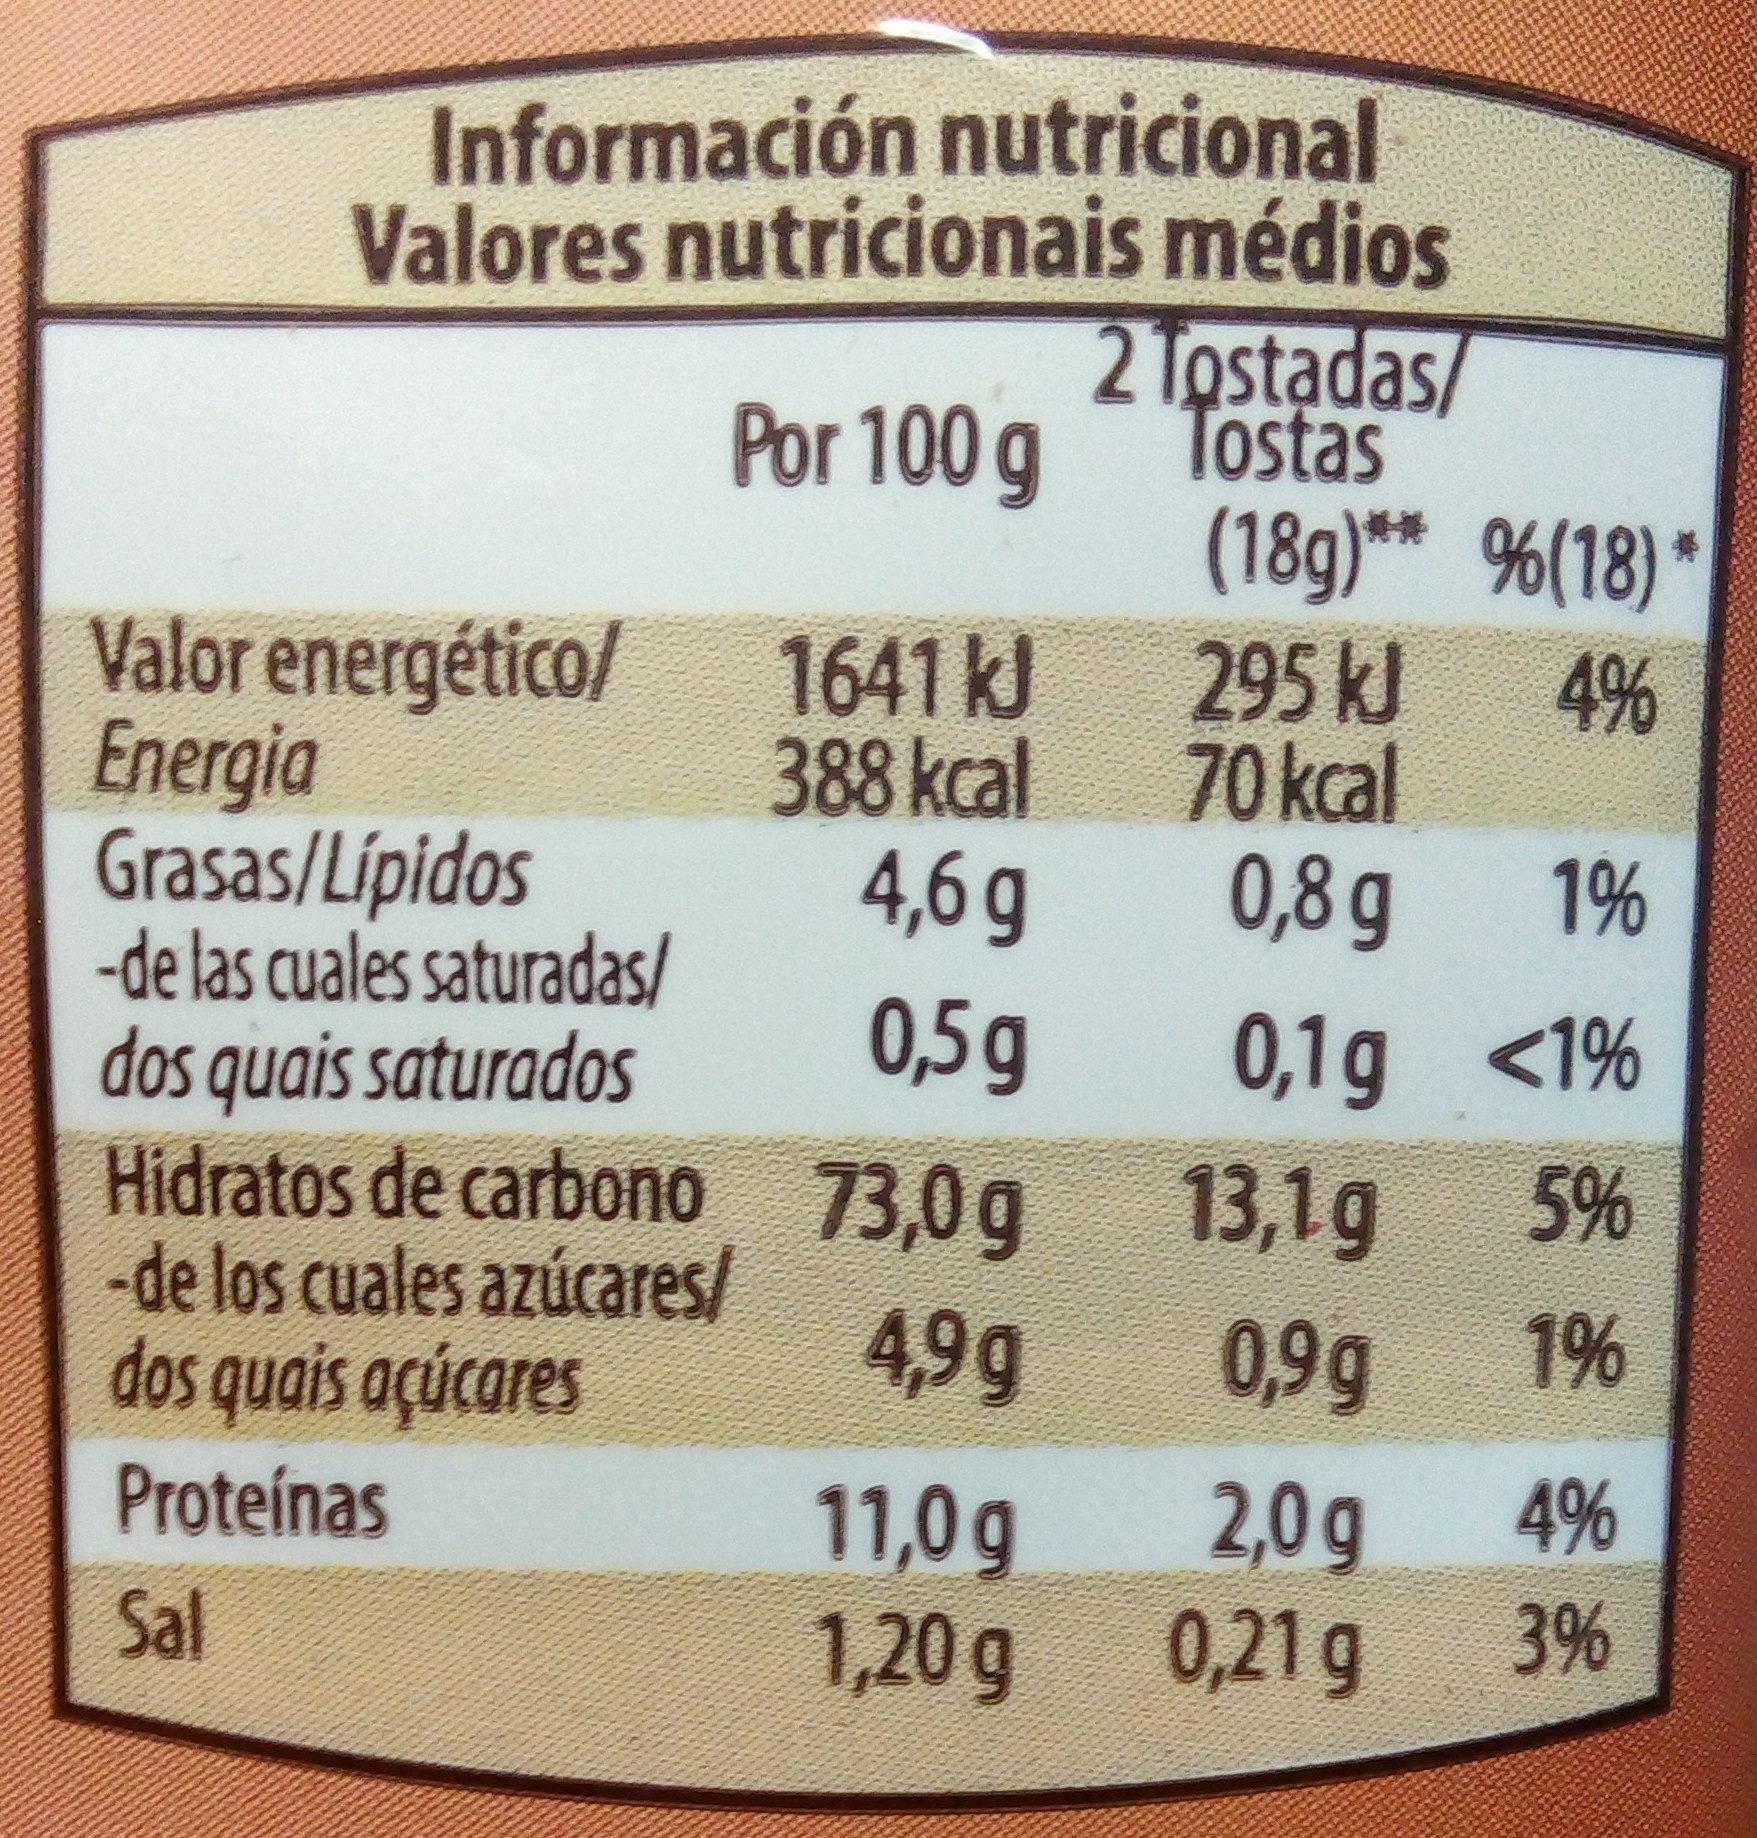 Tostadas - Información nutricional